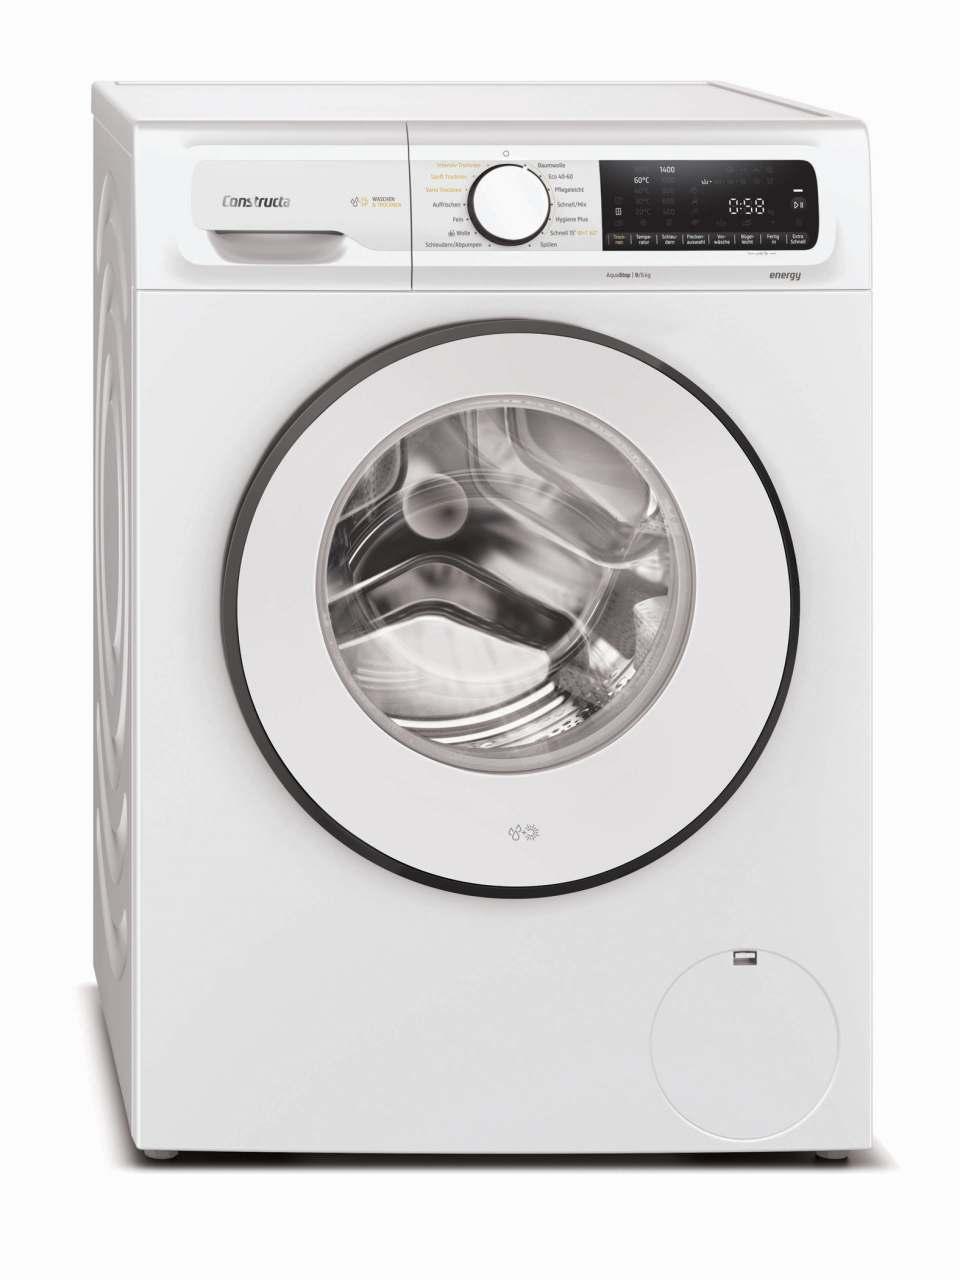 Constructa Waschmaschine CWF14G110 mit Nachlege-Funktion.